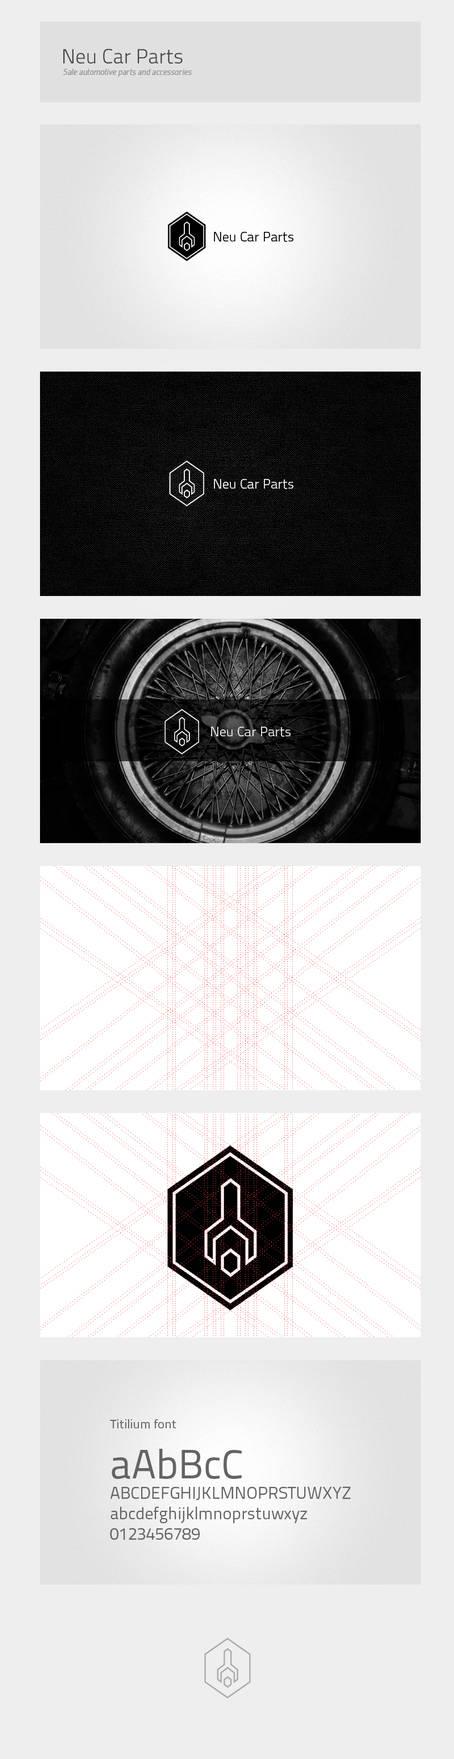 Neu Car Parts - rejected logo